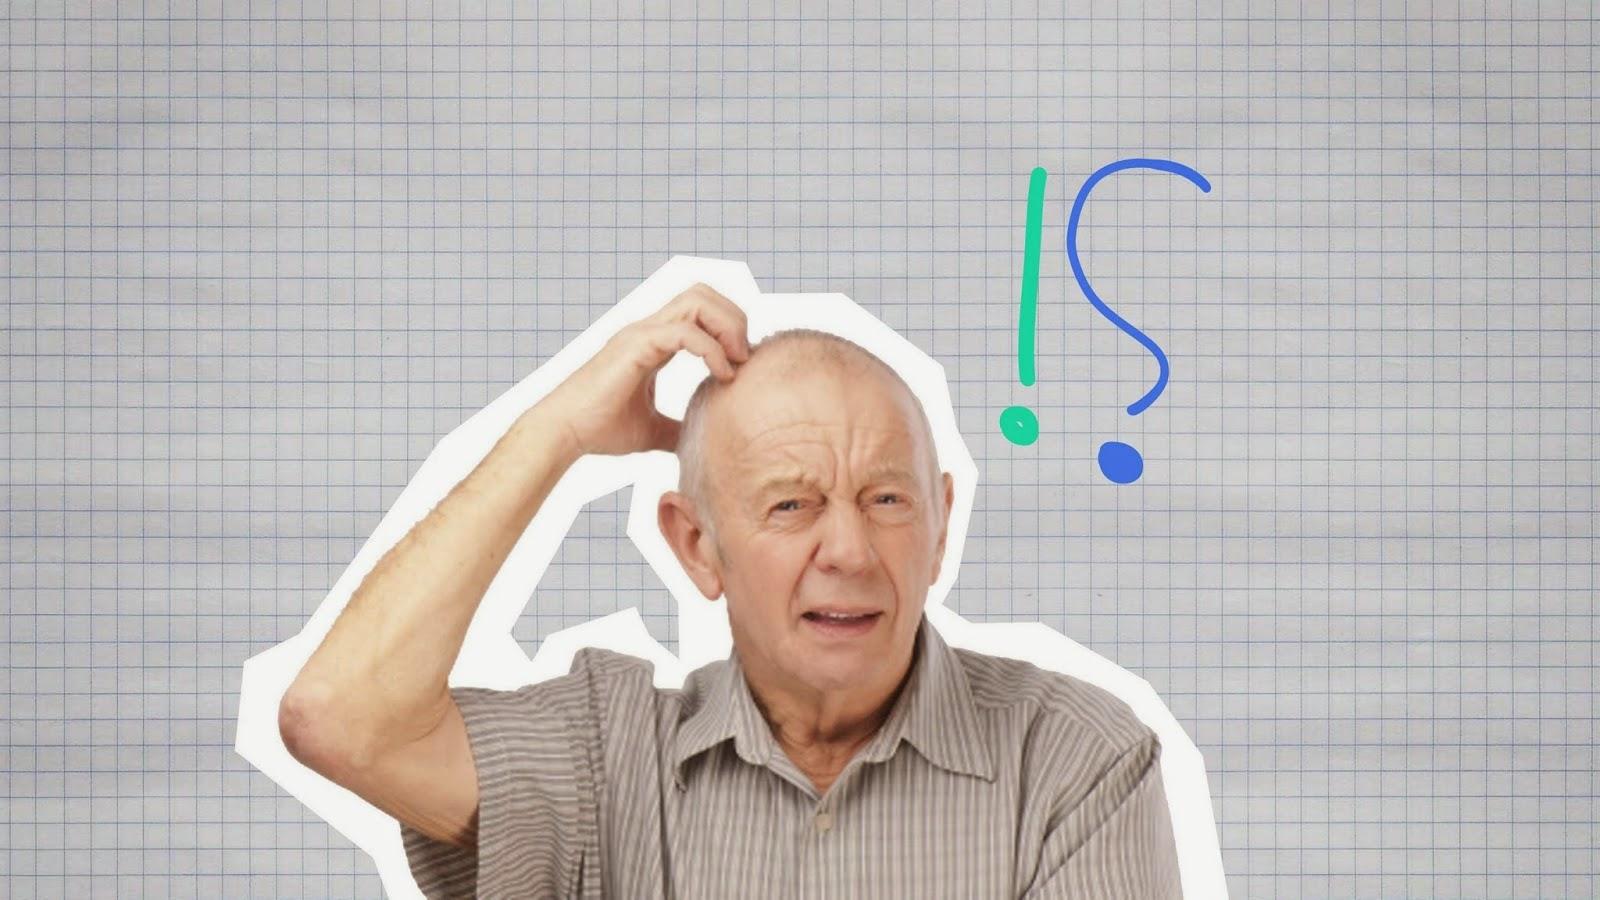 دراسة : تدريبات المخ تقلل خطر الإصابة بالعته لدى البالغين